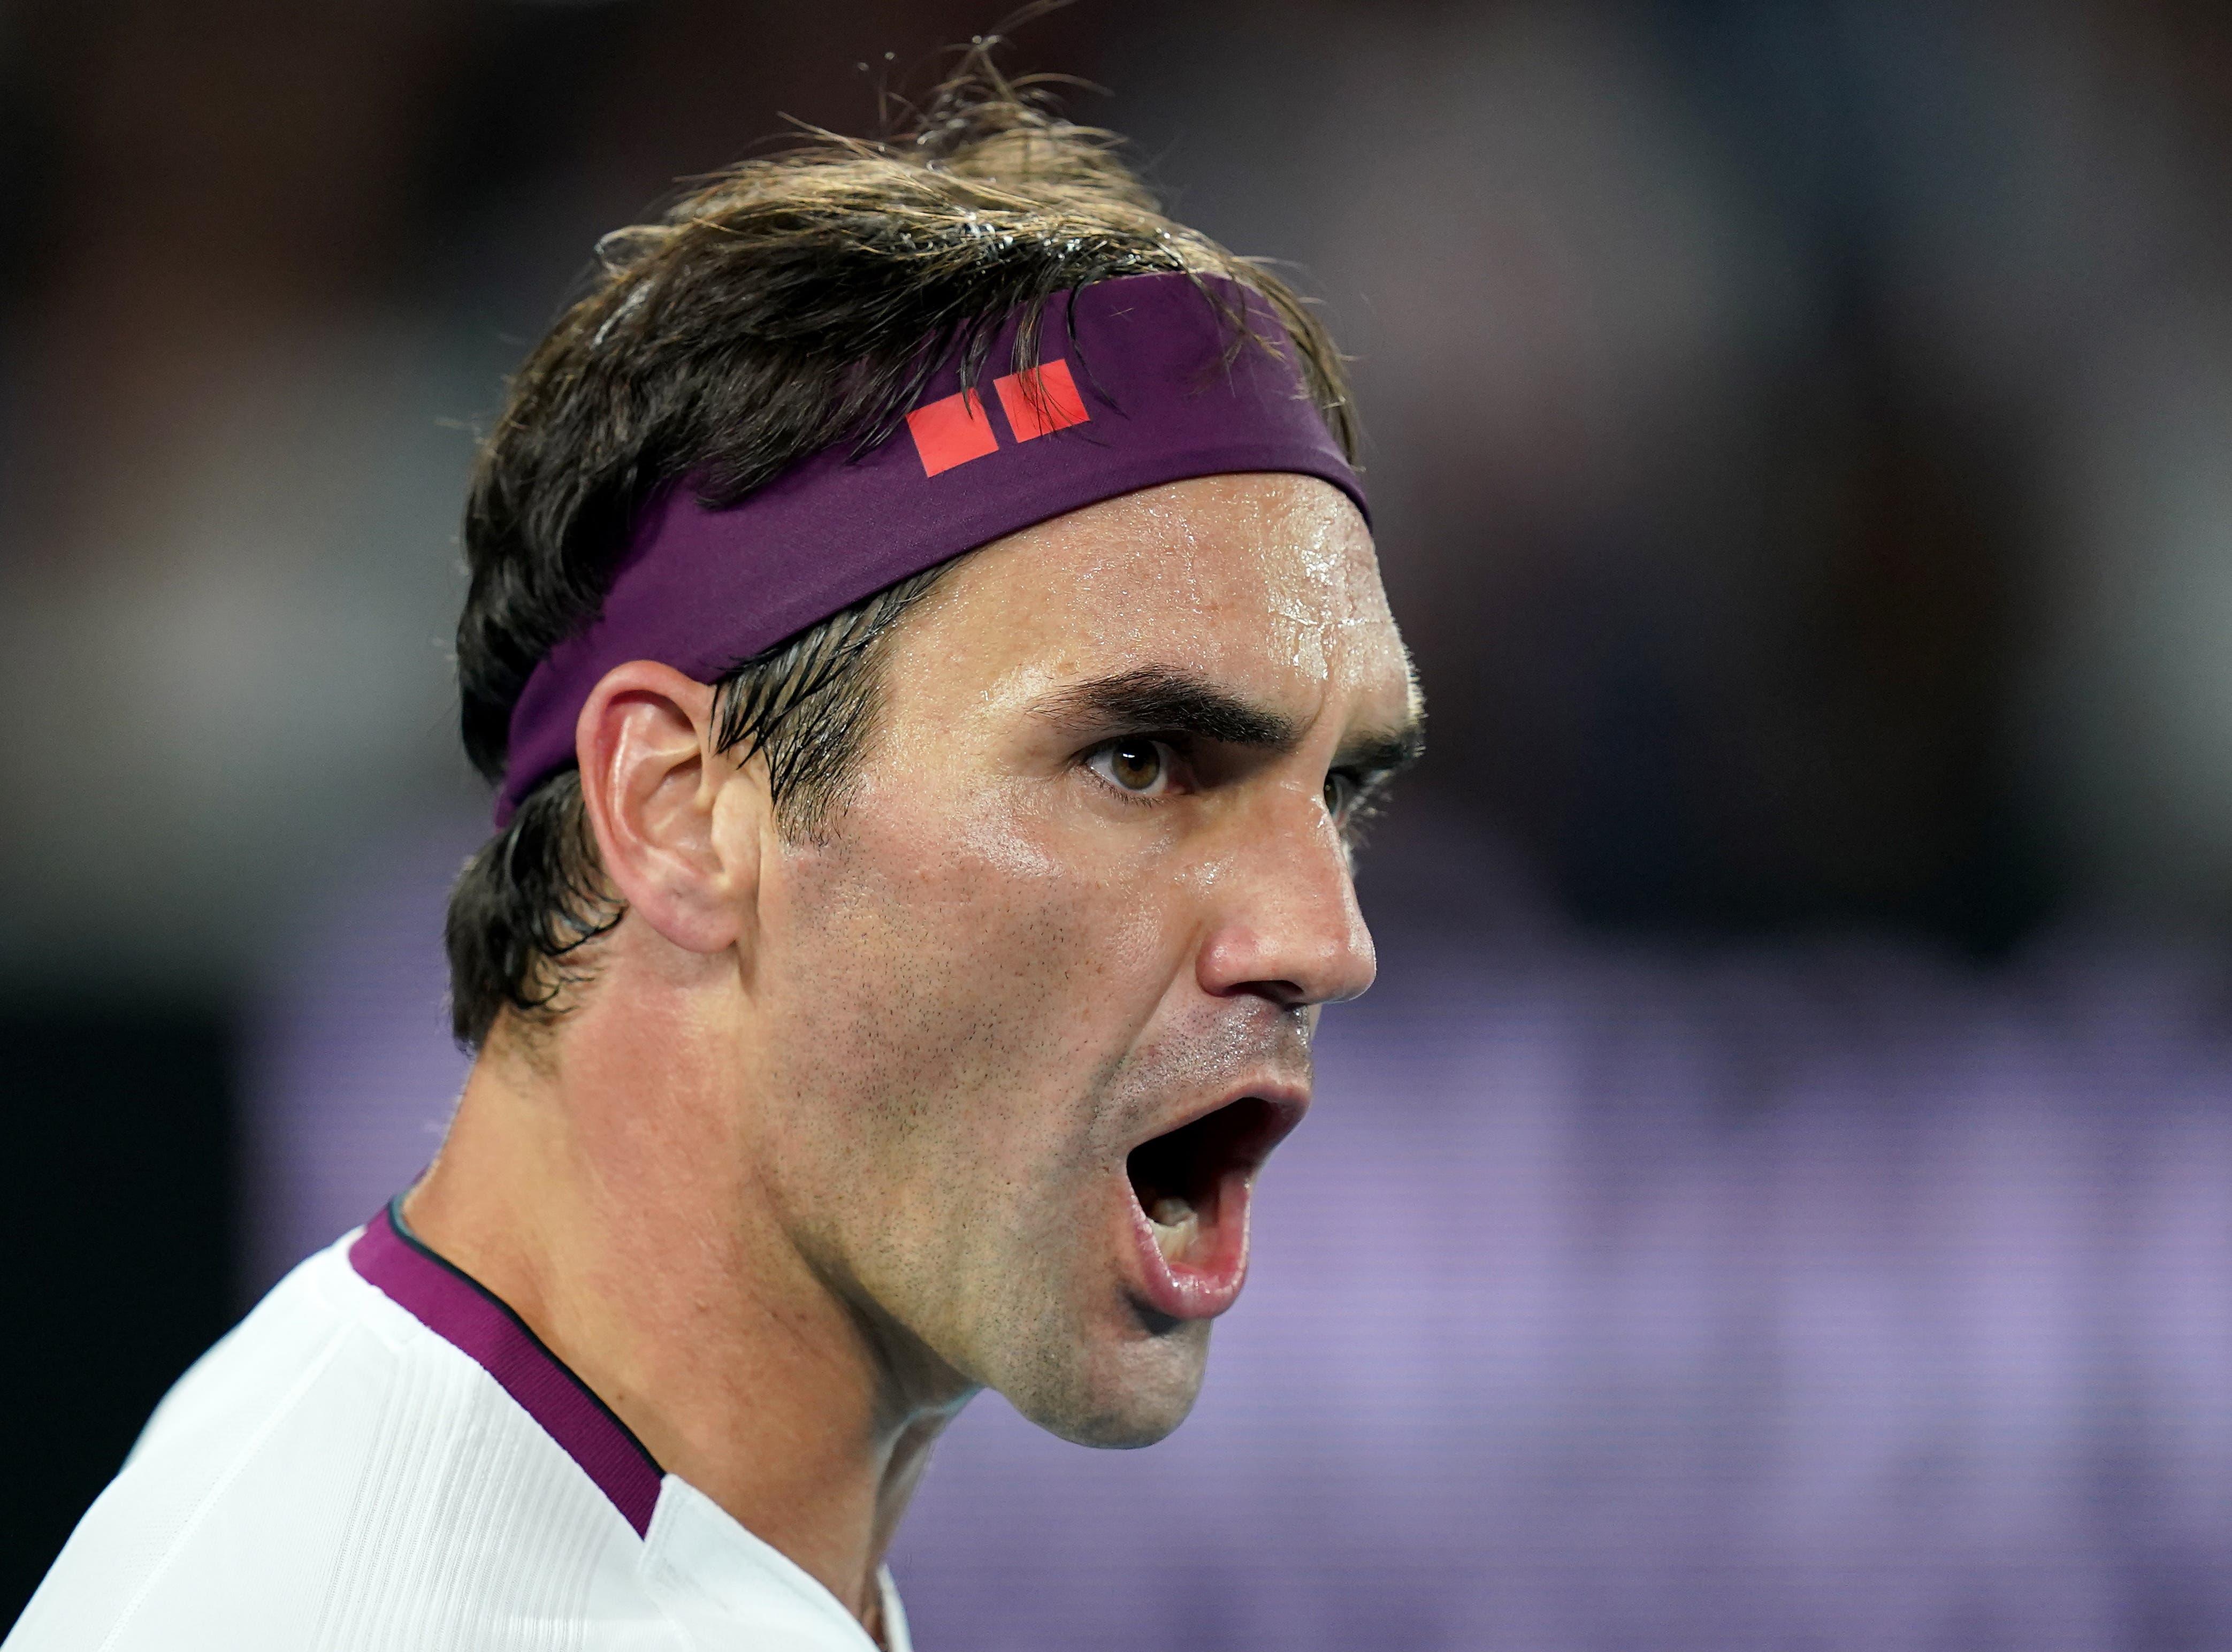 Australian Open: Roger Federer steht in den Viertelfinals und sorgt für einen Rekord | St.Galler Tagblatt